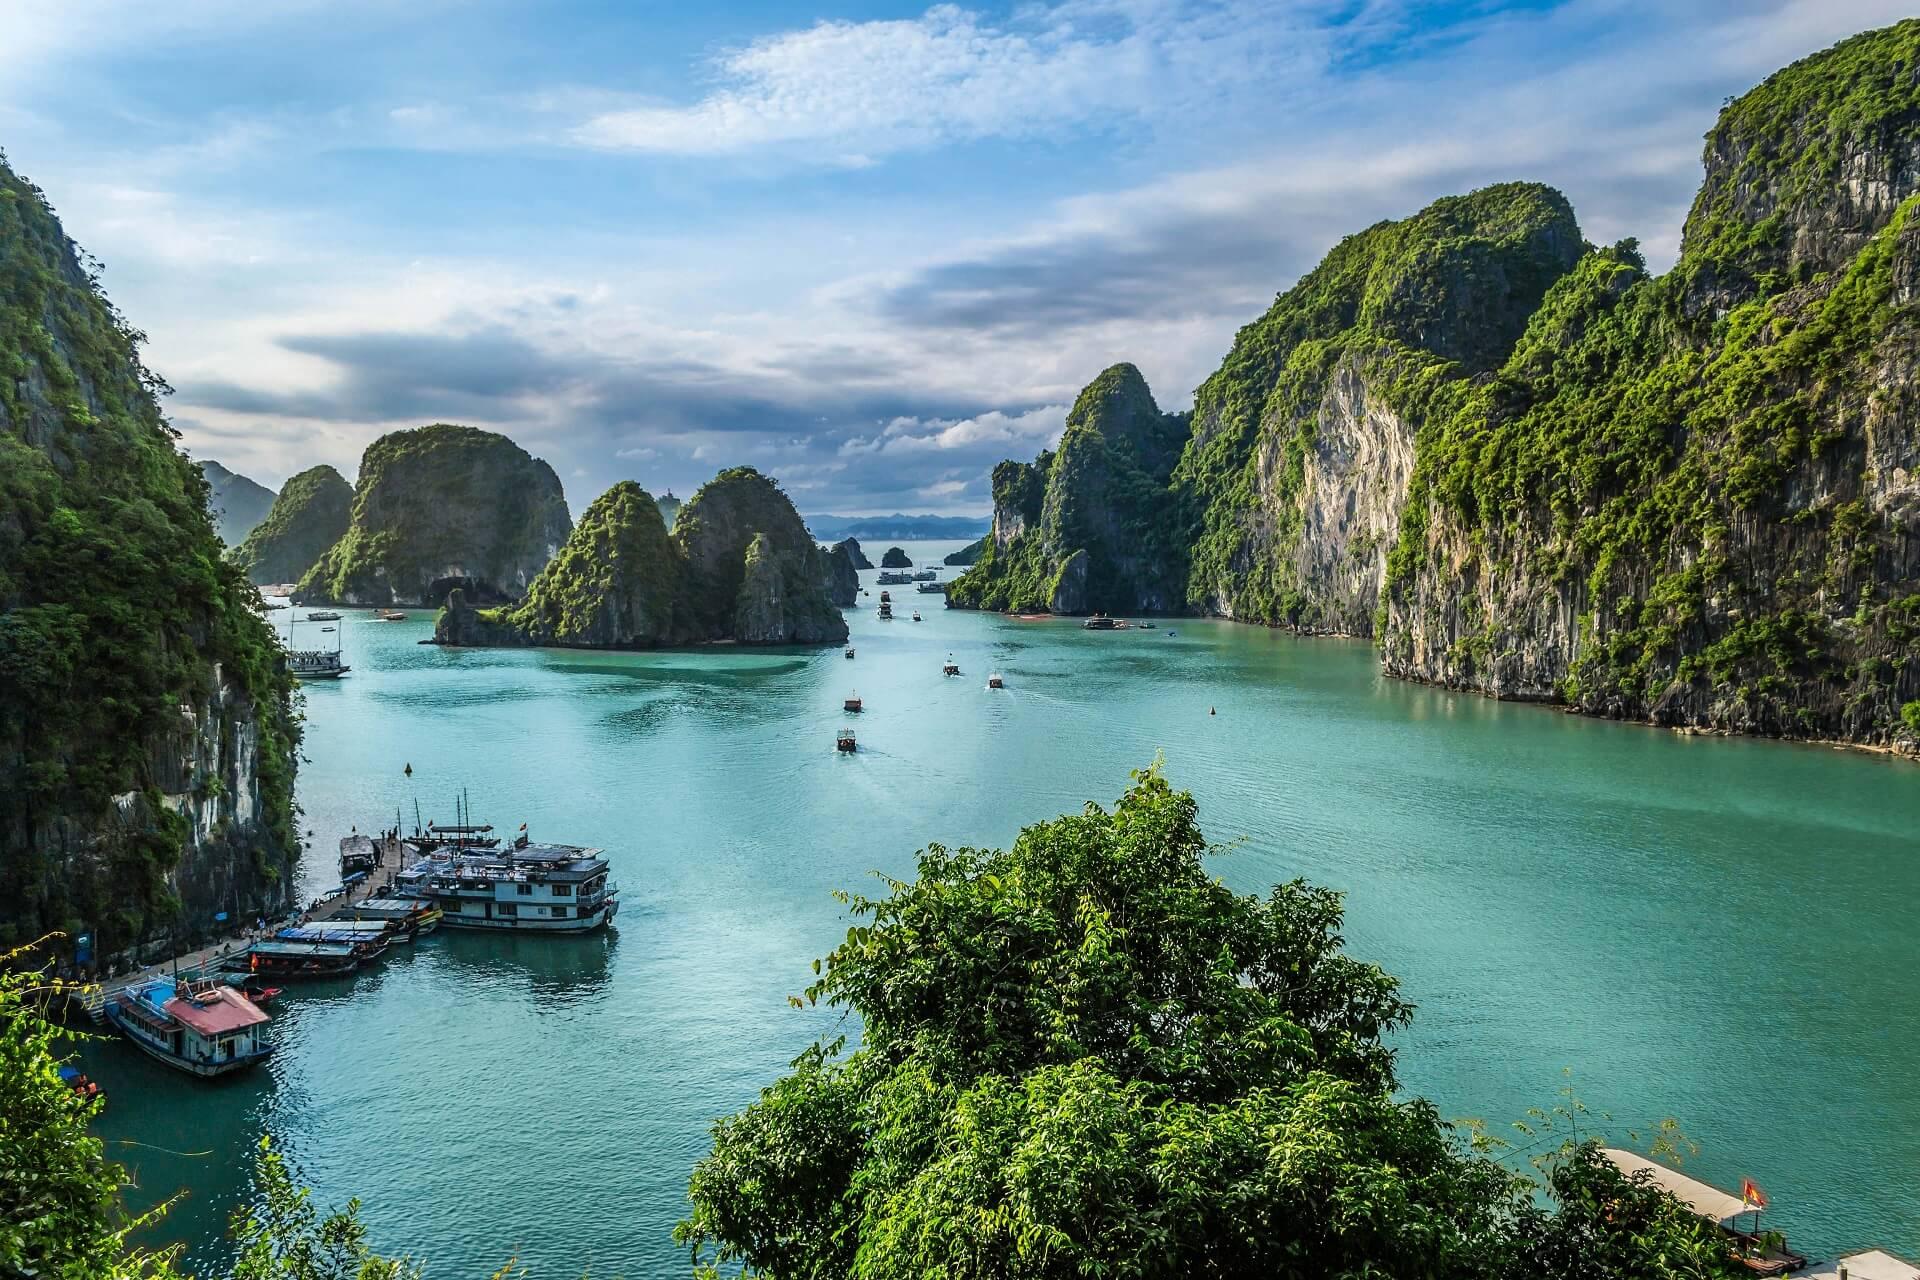 Die Halong Bay ist ein beliebtes Ziel von Profi Backpackern in Asien